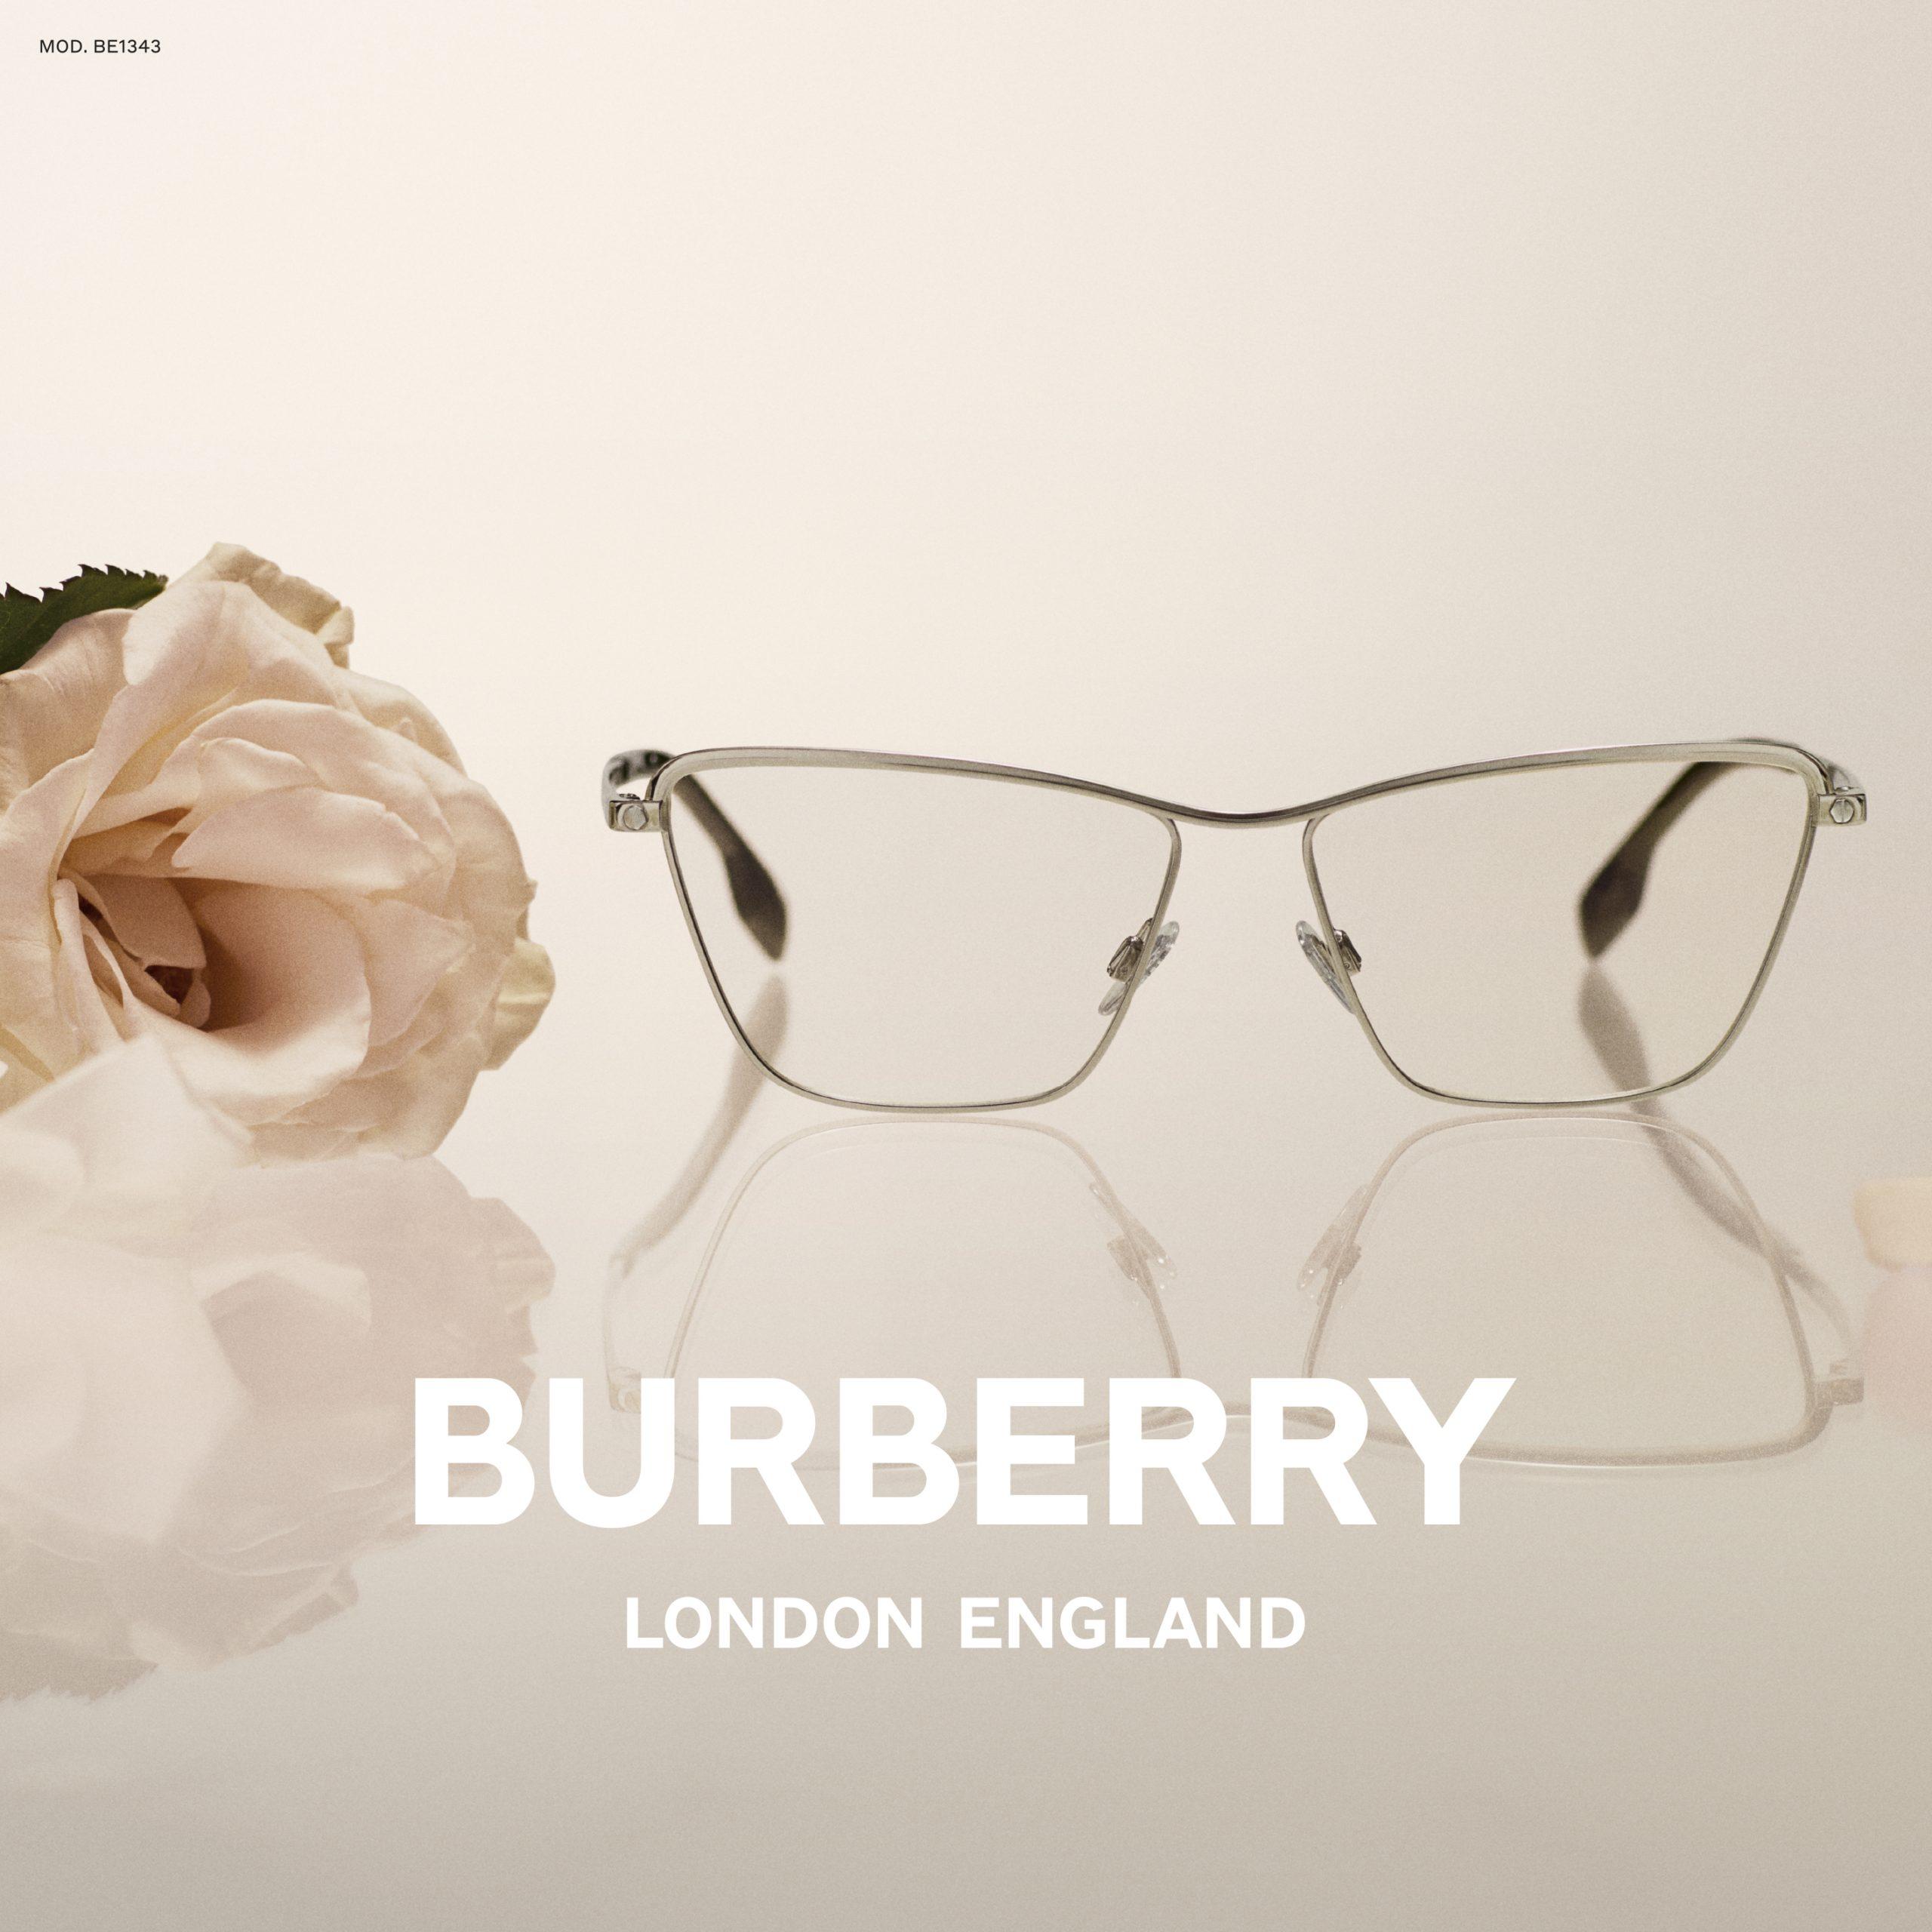 Burberry 7 - Ótica Pitosga